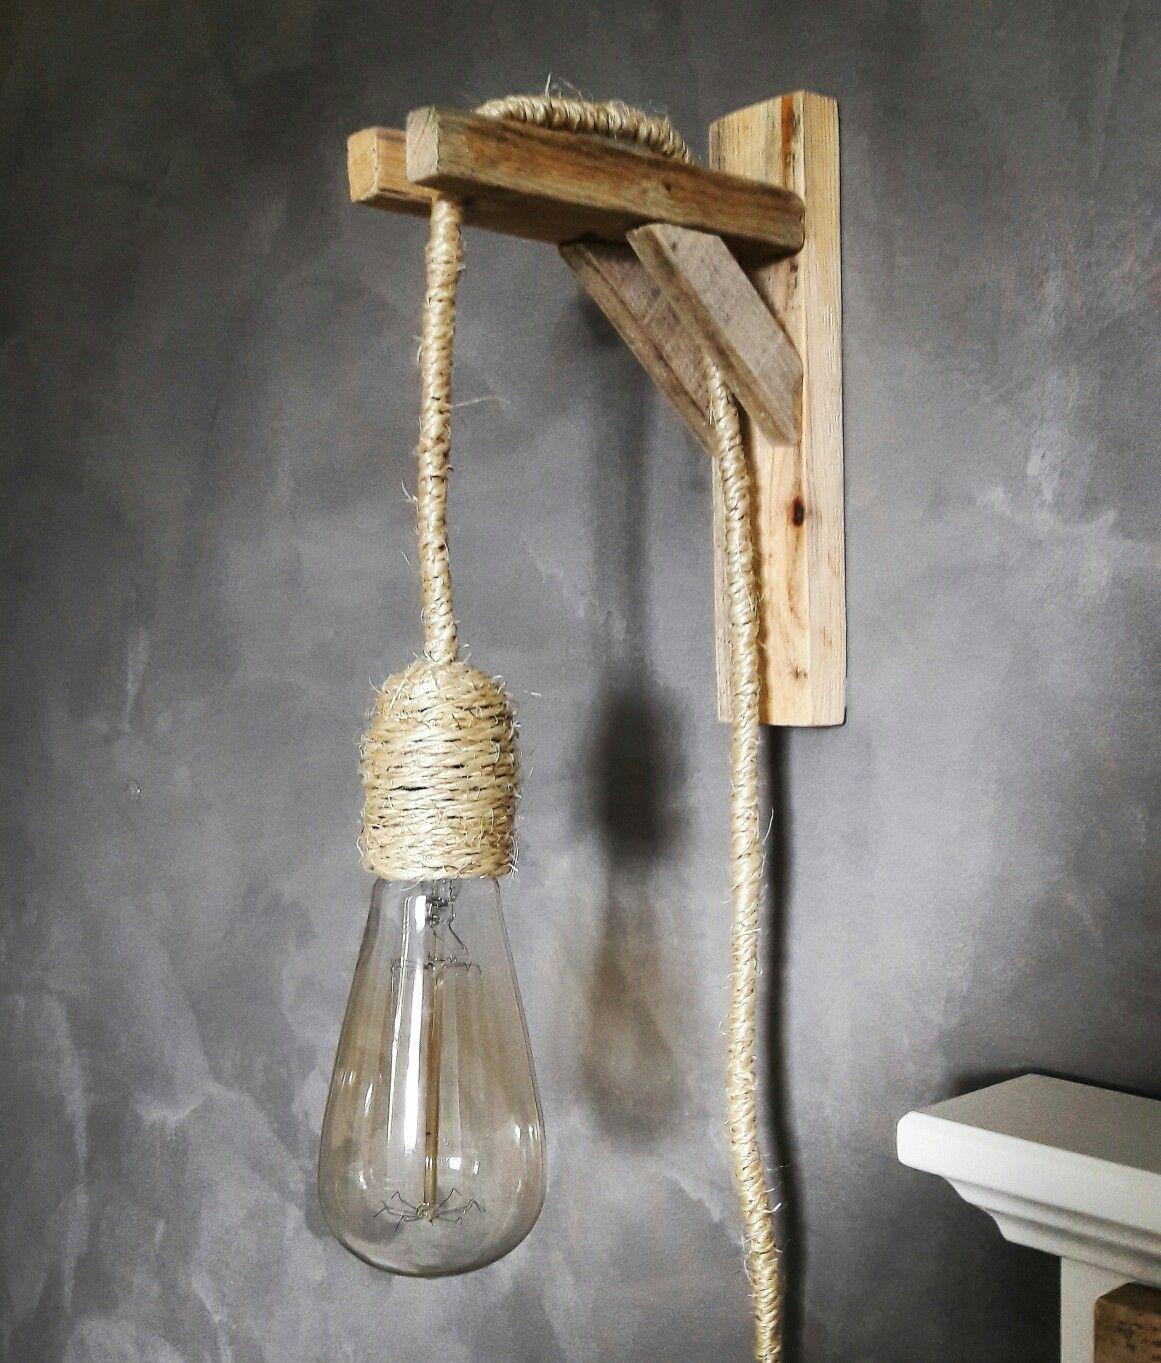 Magnifiek Zelfgemaakte lamp van touw en hout | Mijn foto's in 2019 - Light @UL87